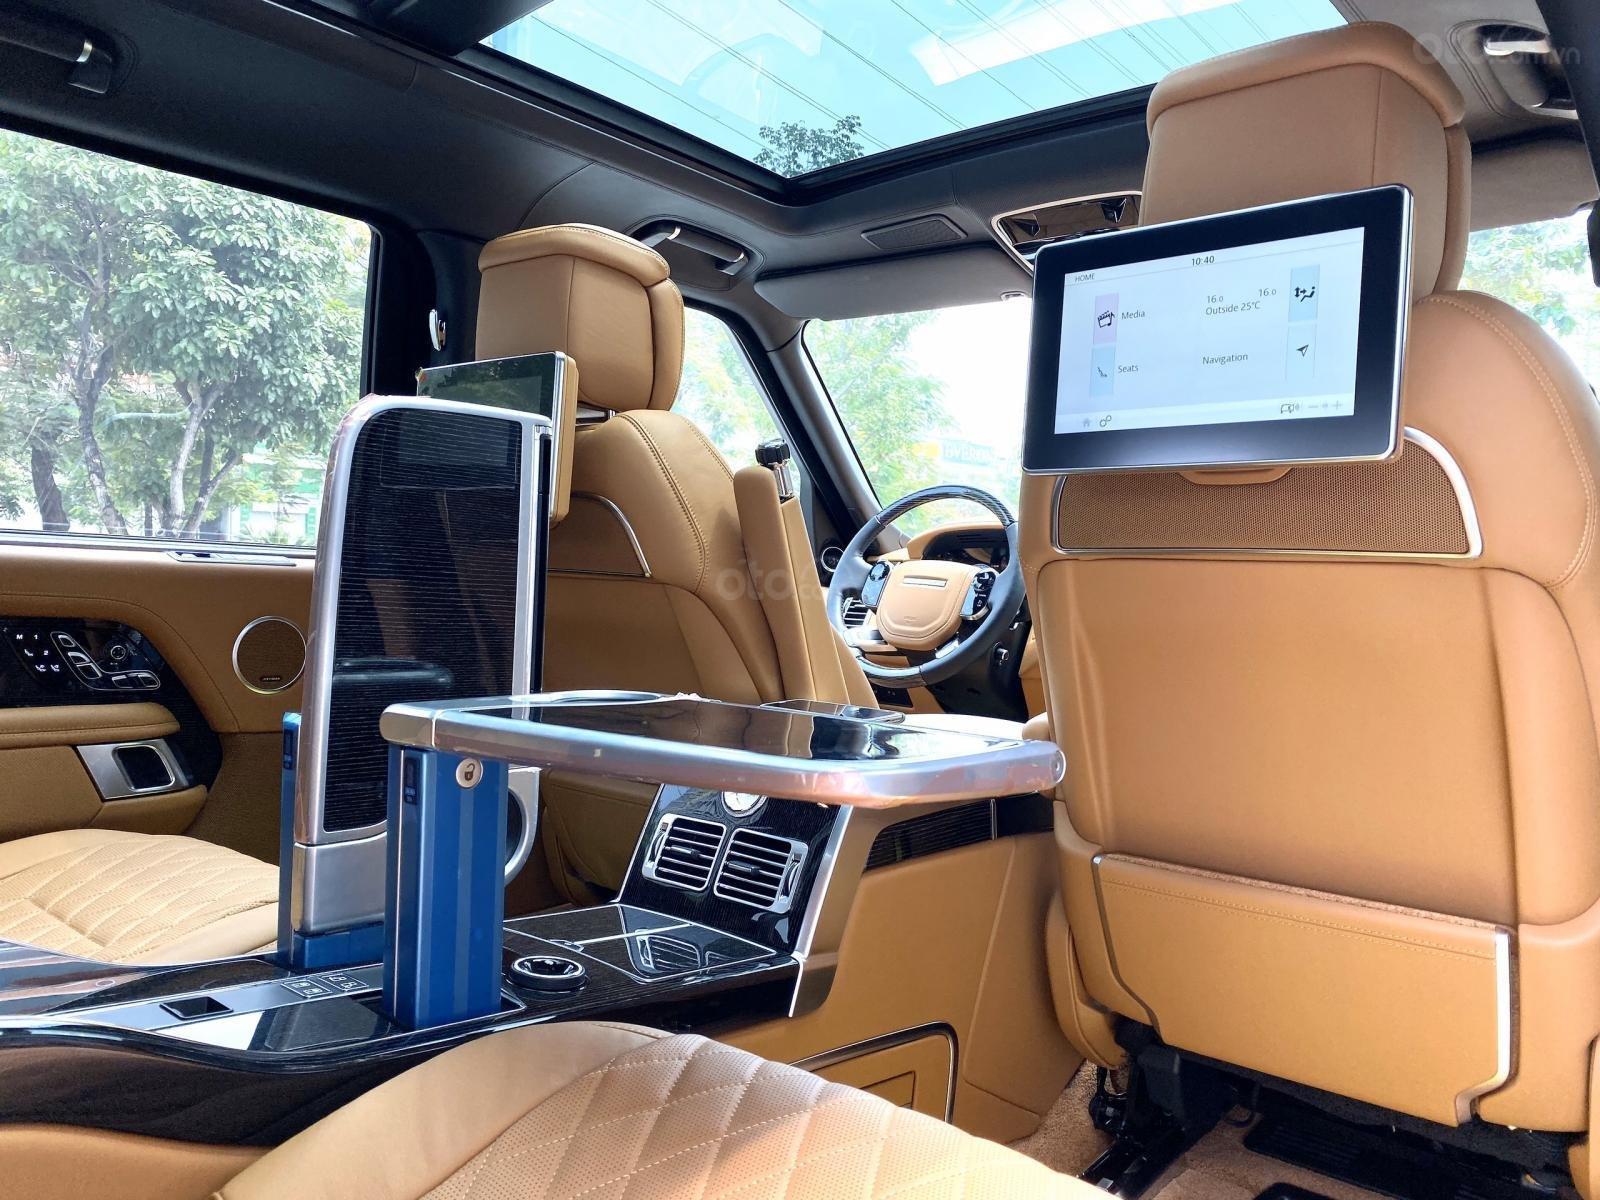 Range Rover SV Autobiography 3.0 2020 Hà Nội, giá tốt trên thị trường (12)